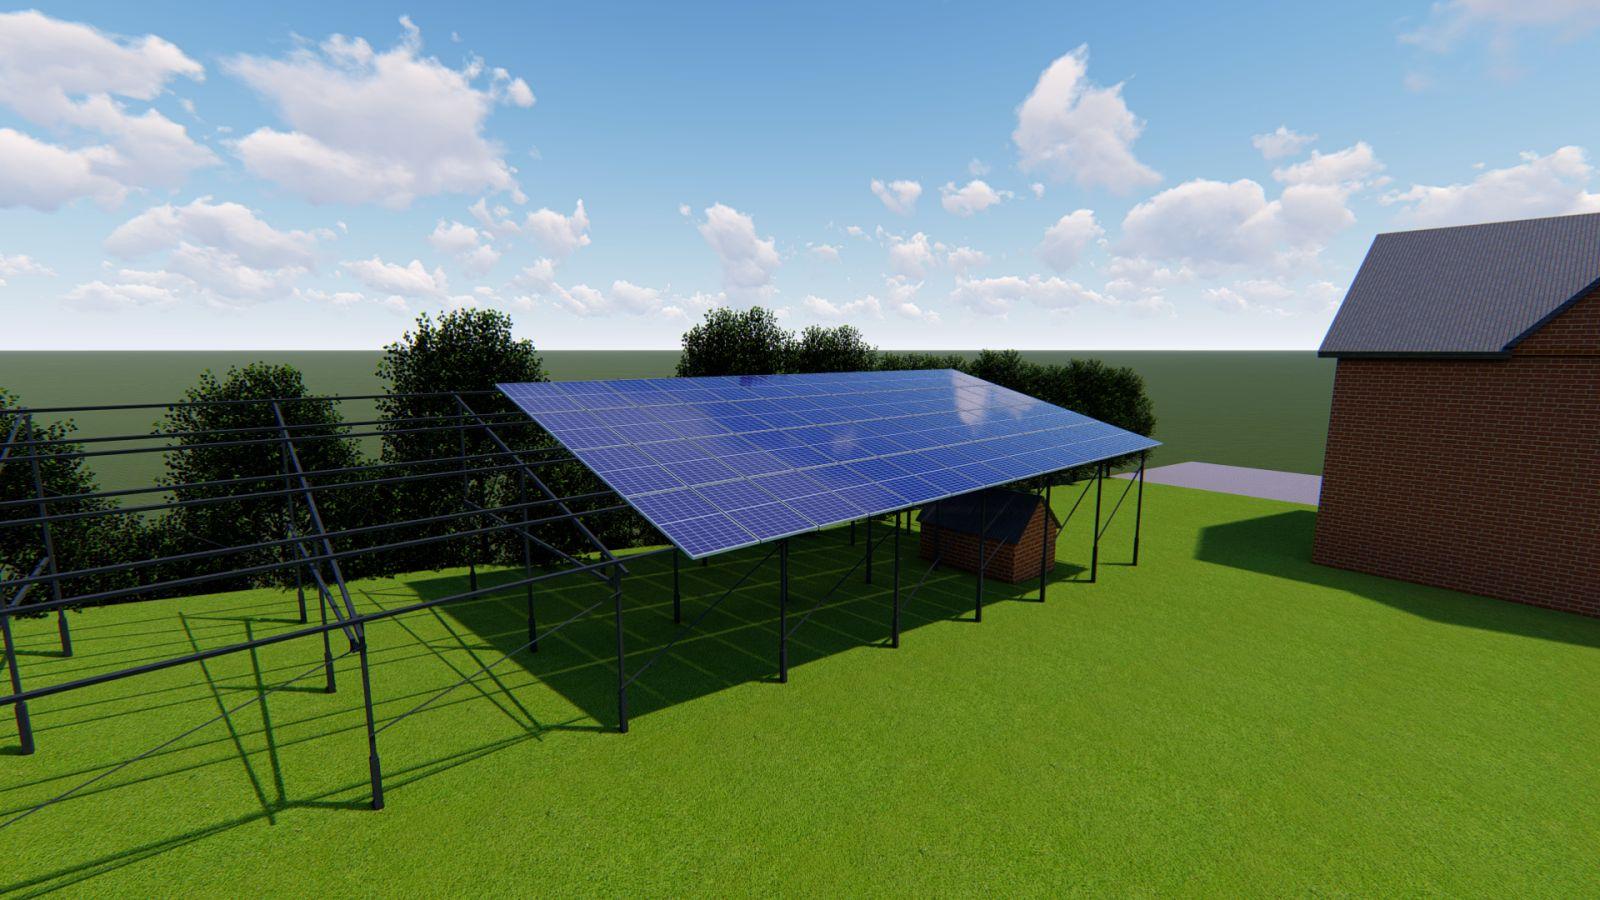 Наземна конструкція для розміщення 30-ти (10 кВт) сонячних панелей з чорного металу